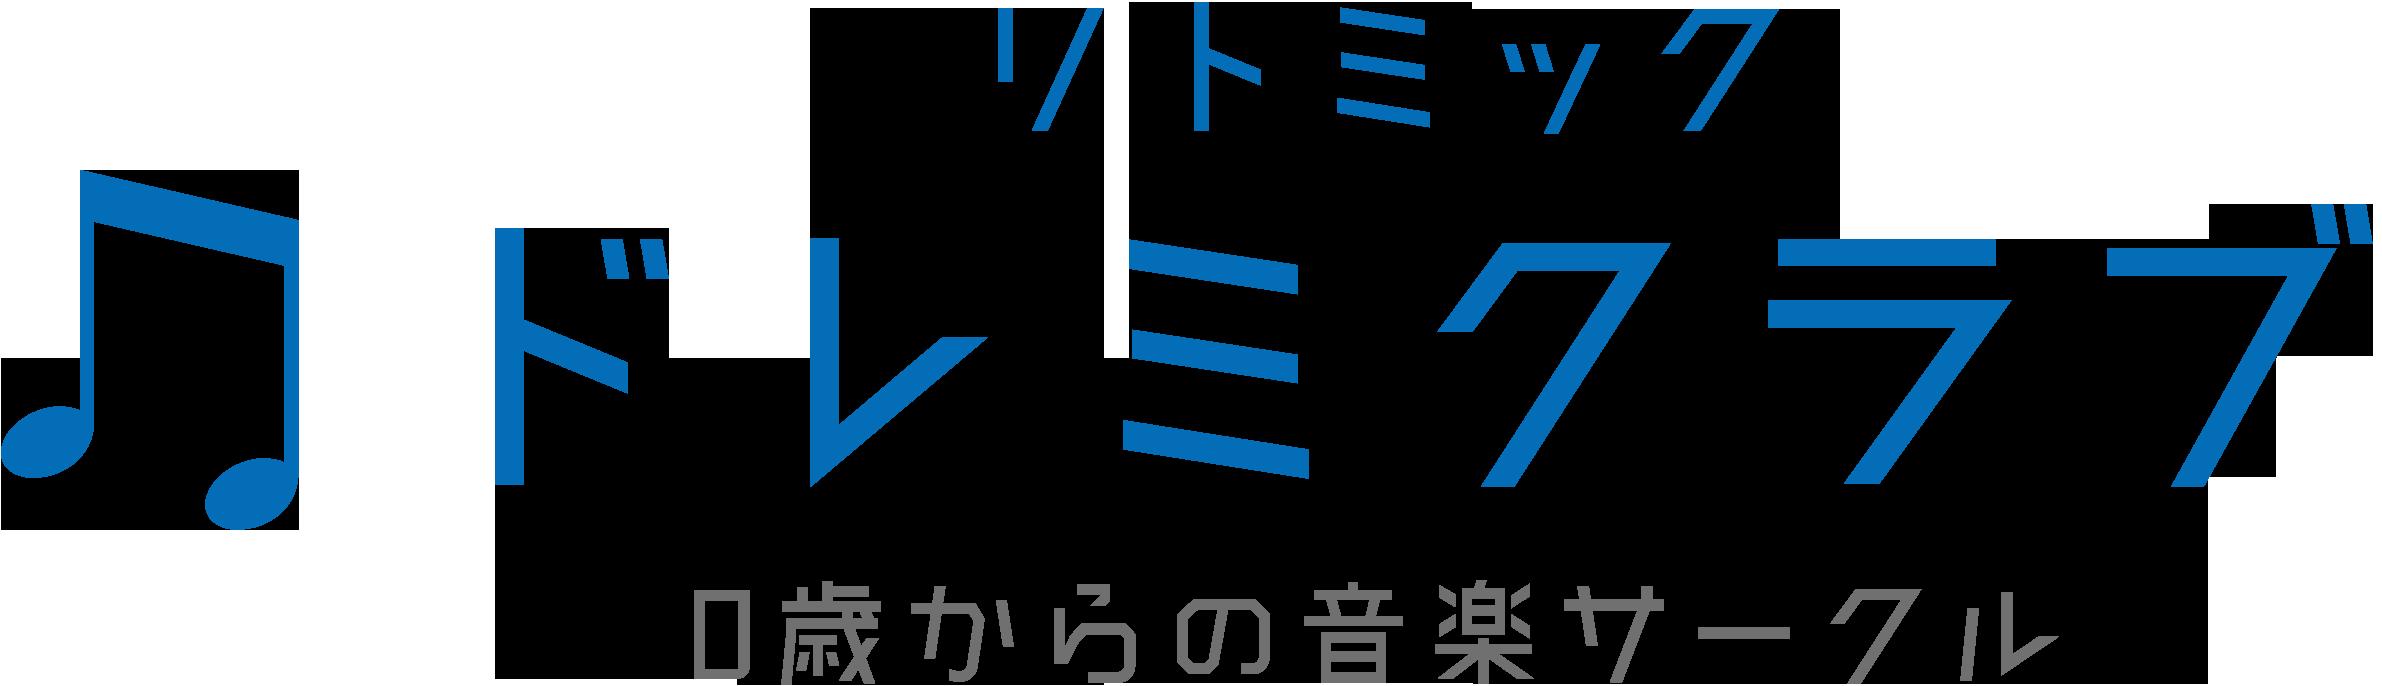 リトミック ドレミクラブ | 大田区 久が原・町田・相模大野 教室